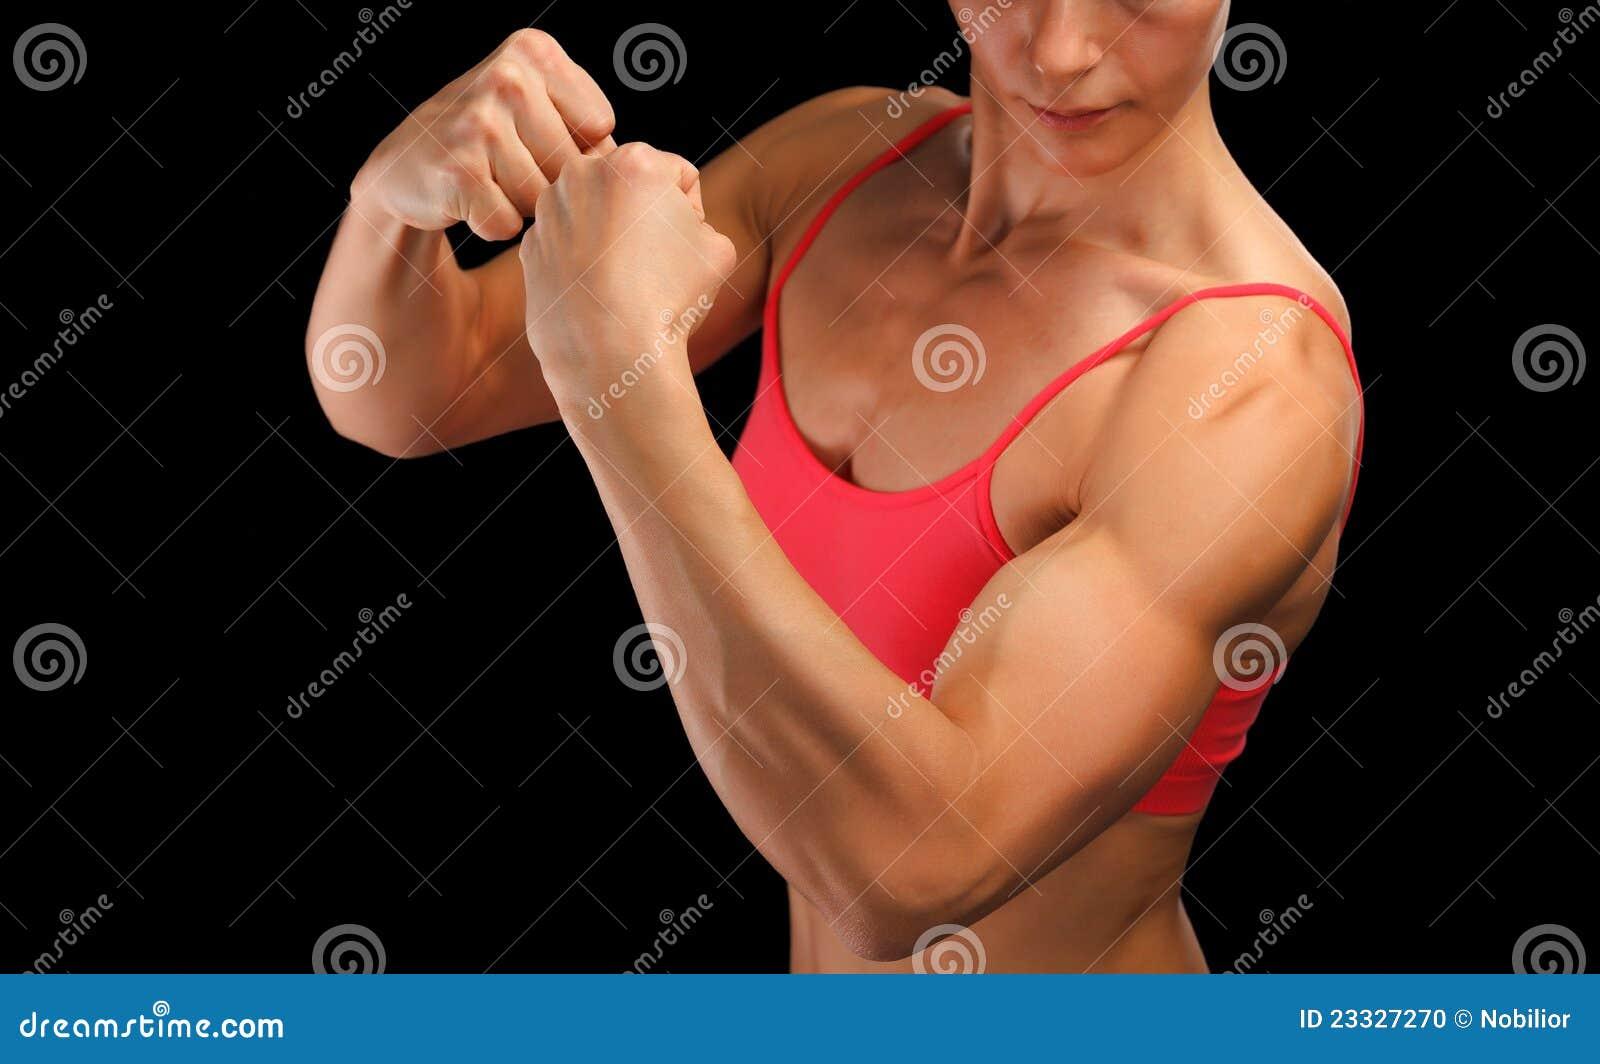 爱好健美者女性健身 库存照片 - 图片: 23327270